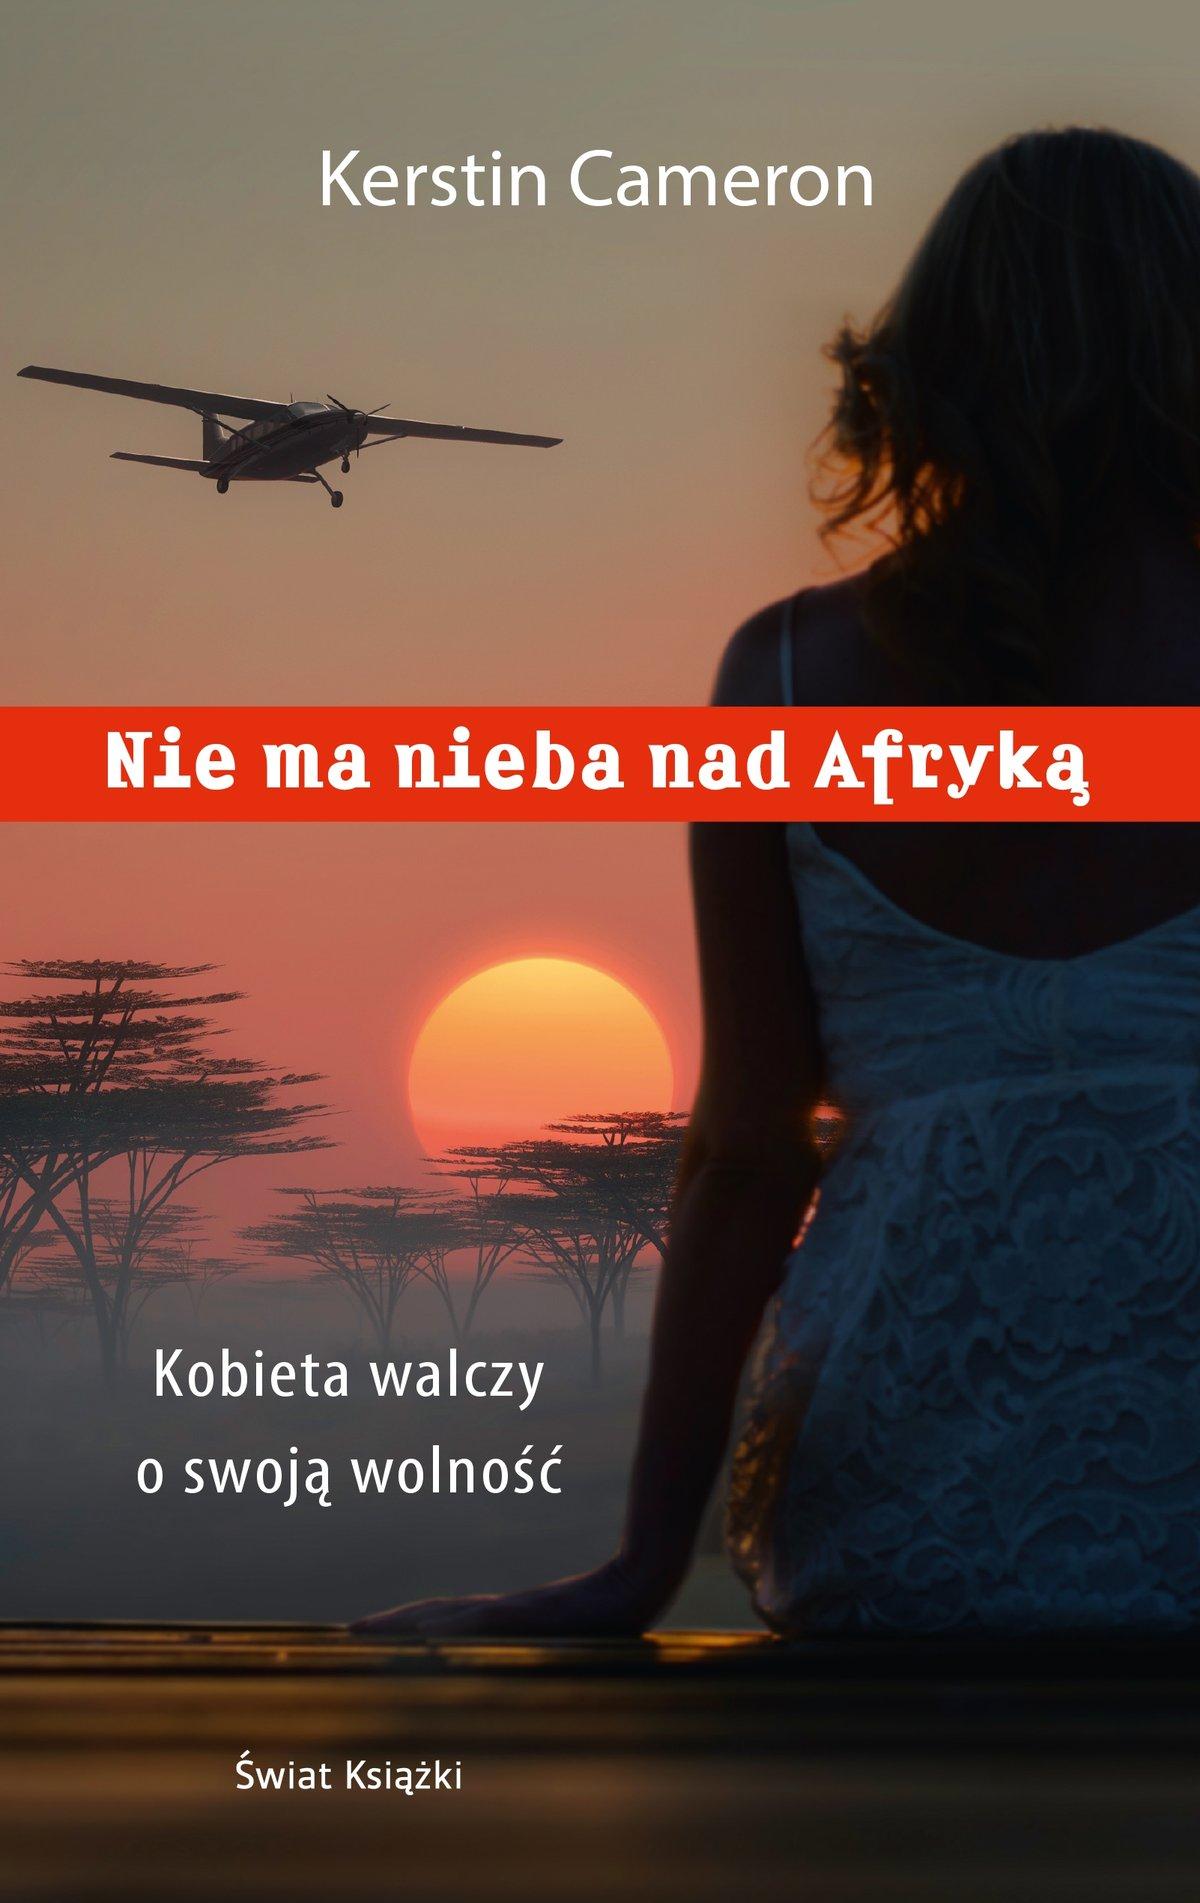 Nie ma nieba nad Afryką - Ebook (Książka EPUB) do pobrania w formacie EPUB